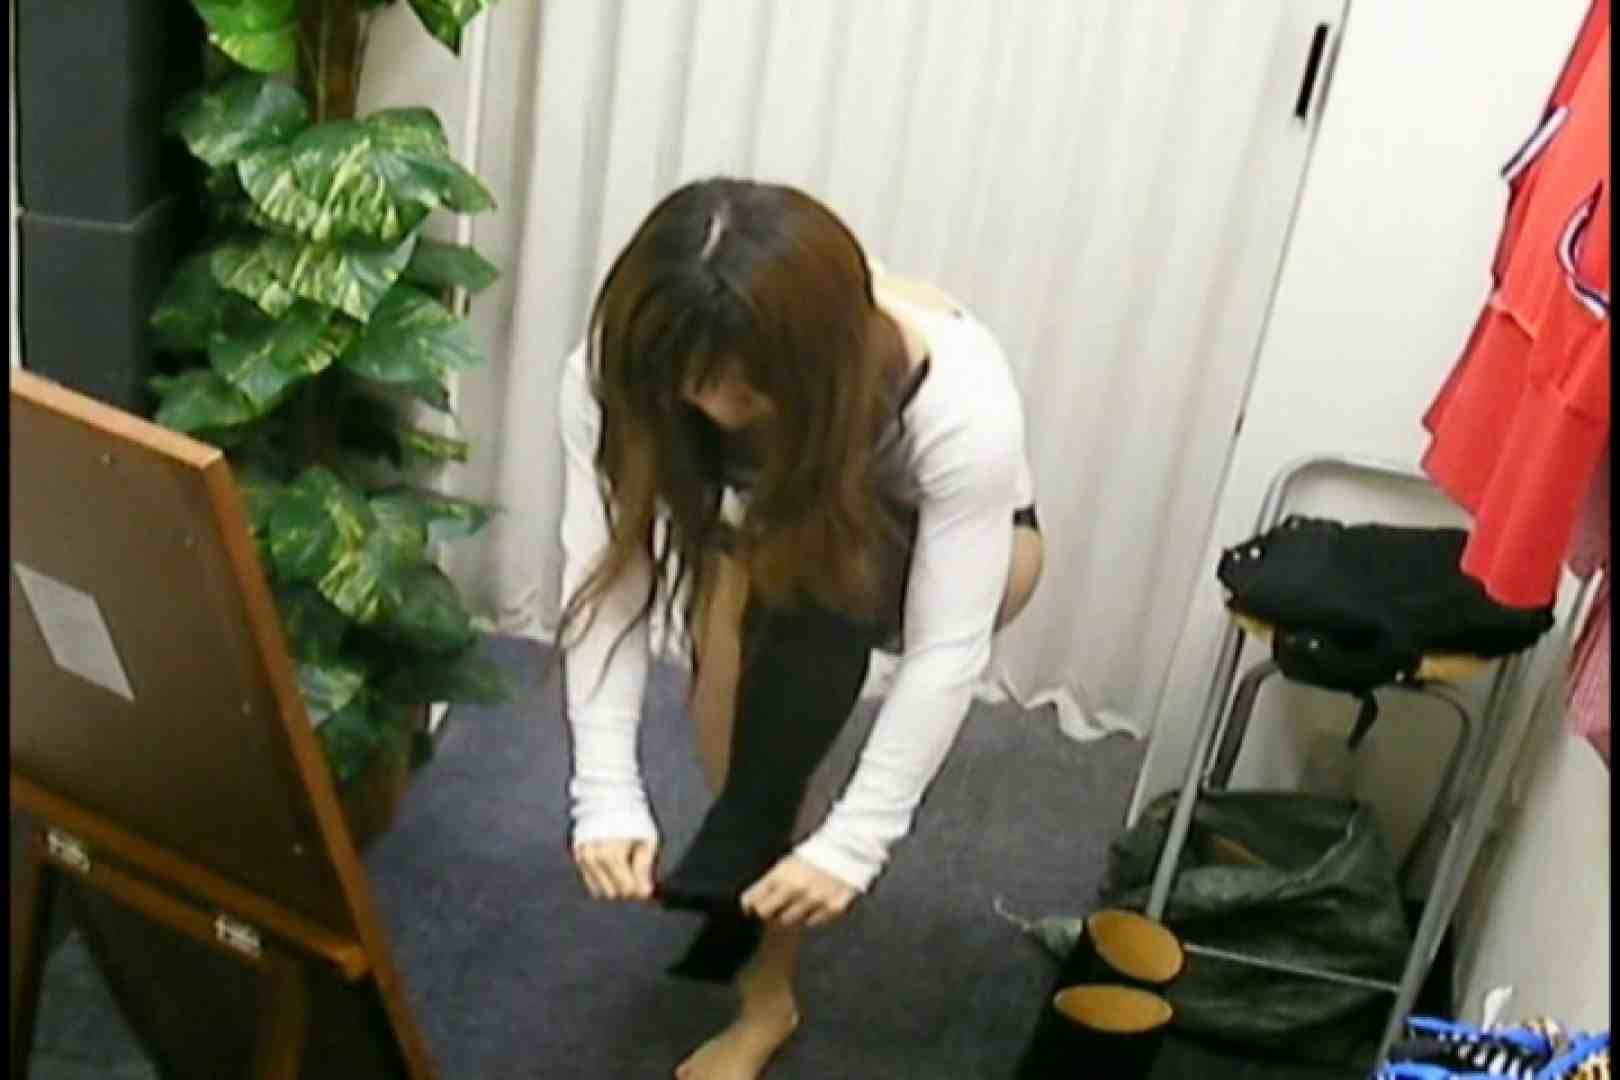 素人撮影 下着だけの撮影のはずが・・・ よしこ23歳 素人 盗撮動画紹介 31連発 30